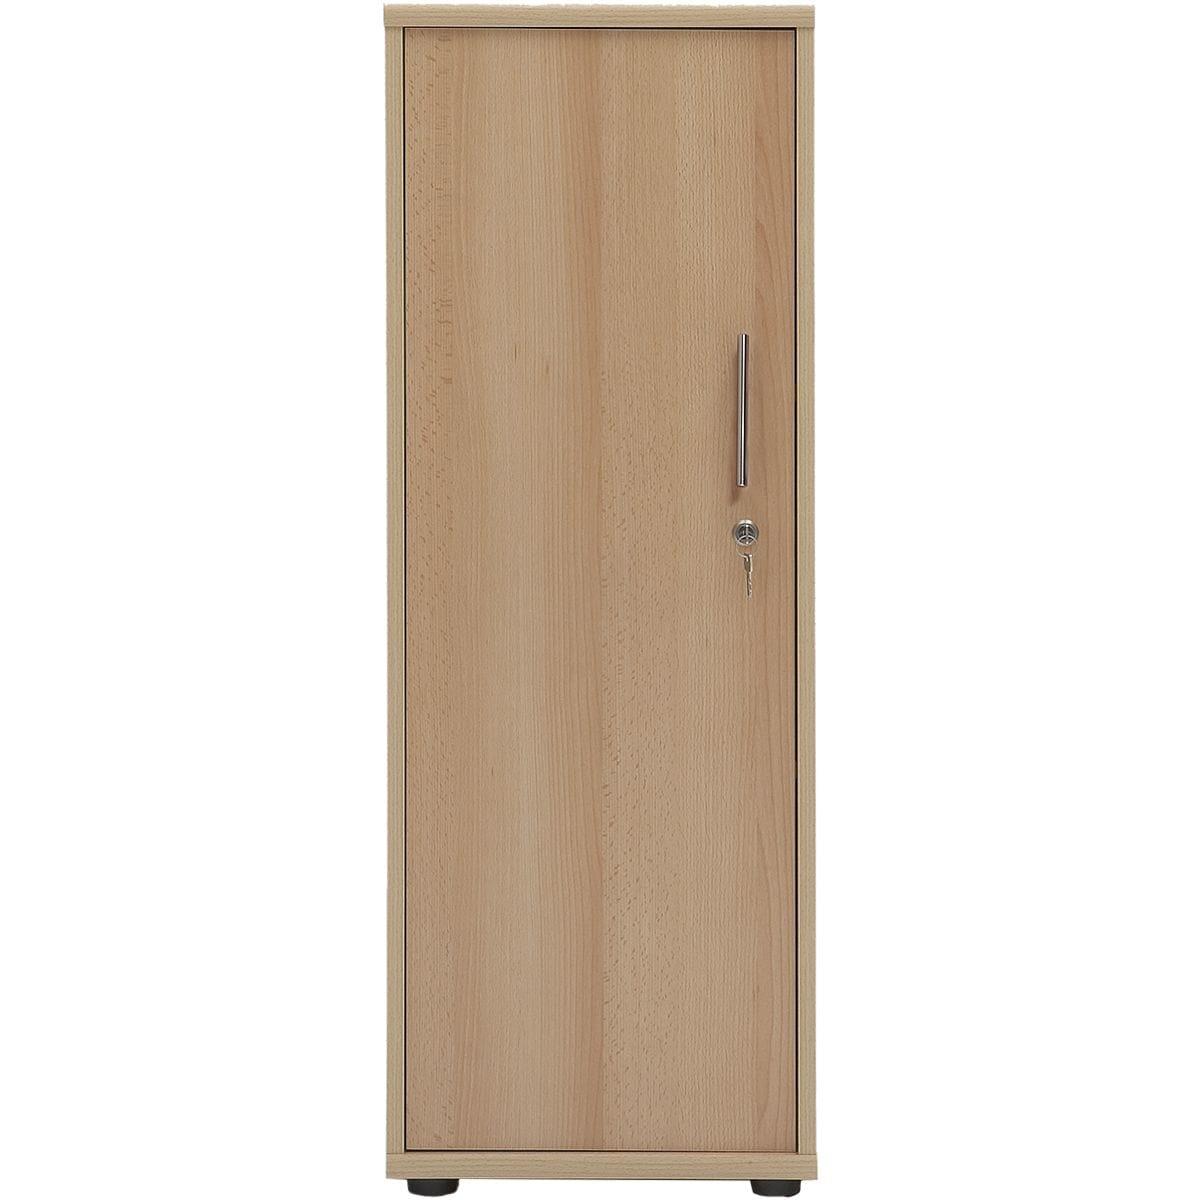 aktenschrank rom 40 cm schmal 3 oh t ranschlag links bei otto office g nstig kaufen. Black Bedroom Furniture Sets. Home Design Ideas